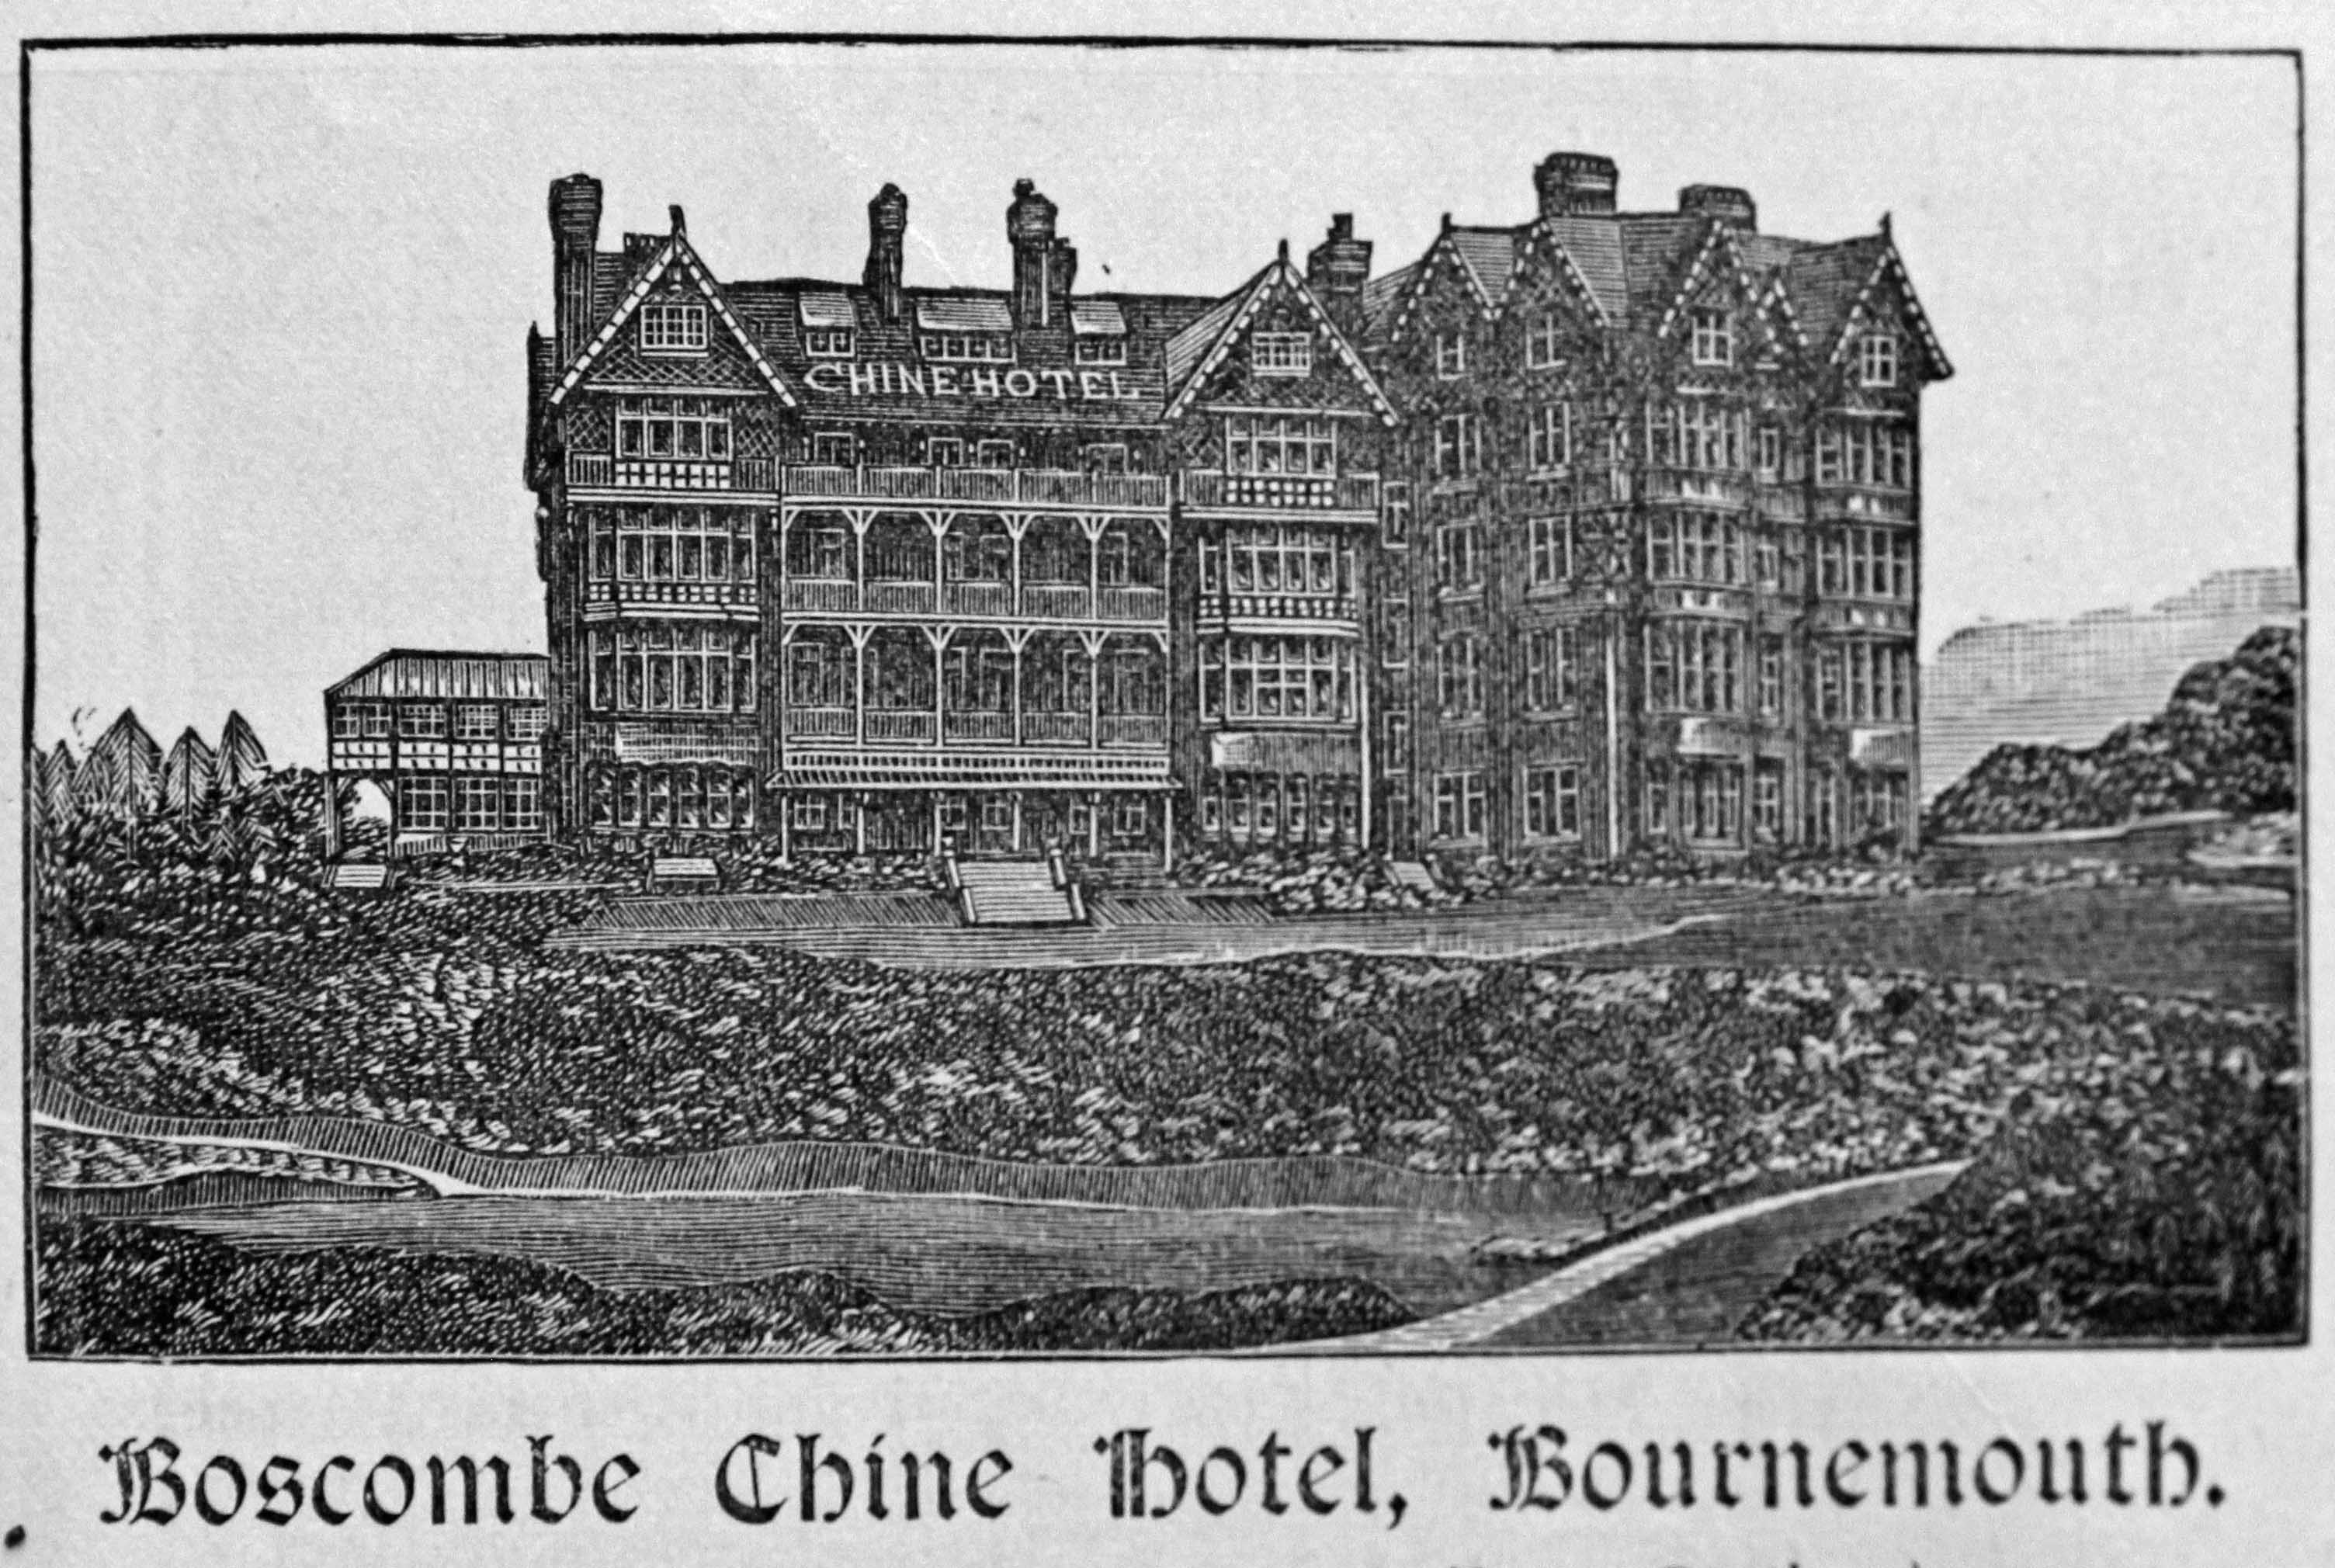 Chine Hotel